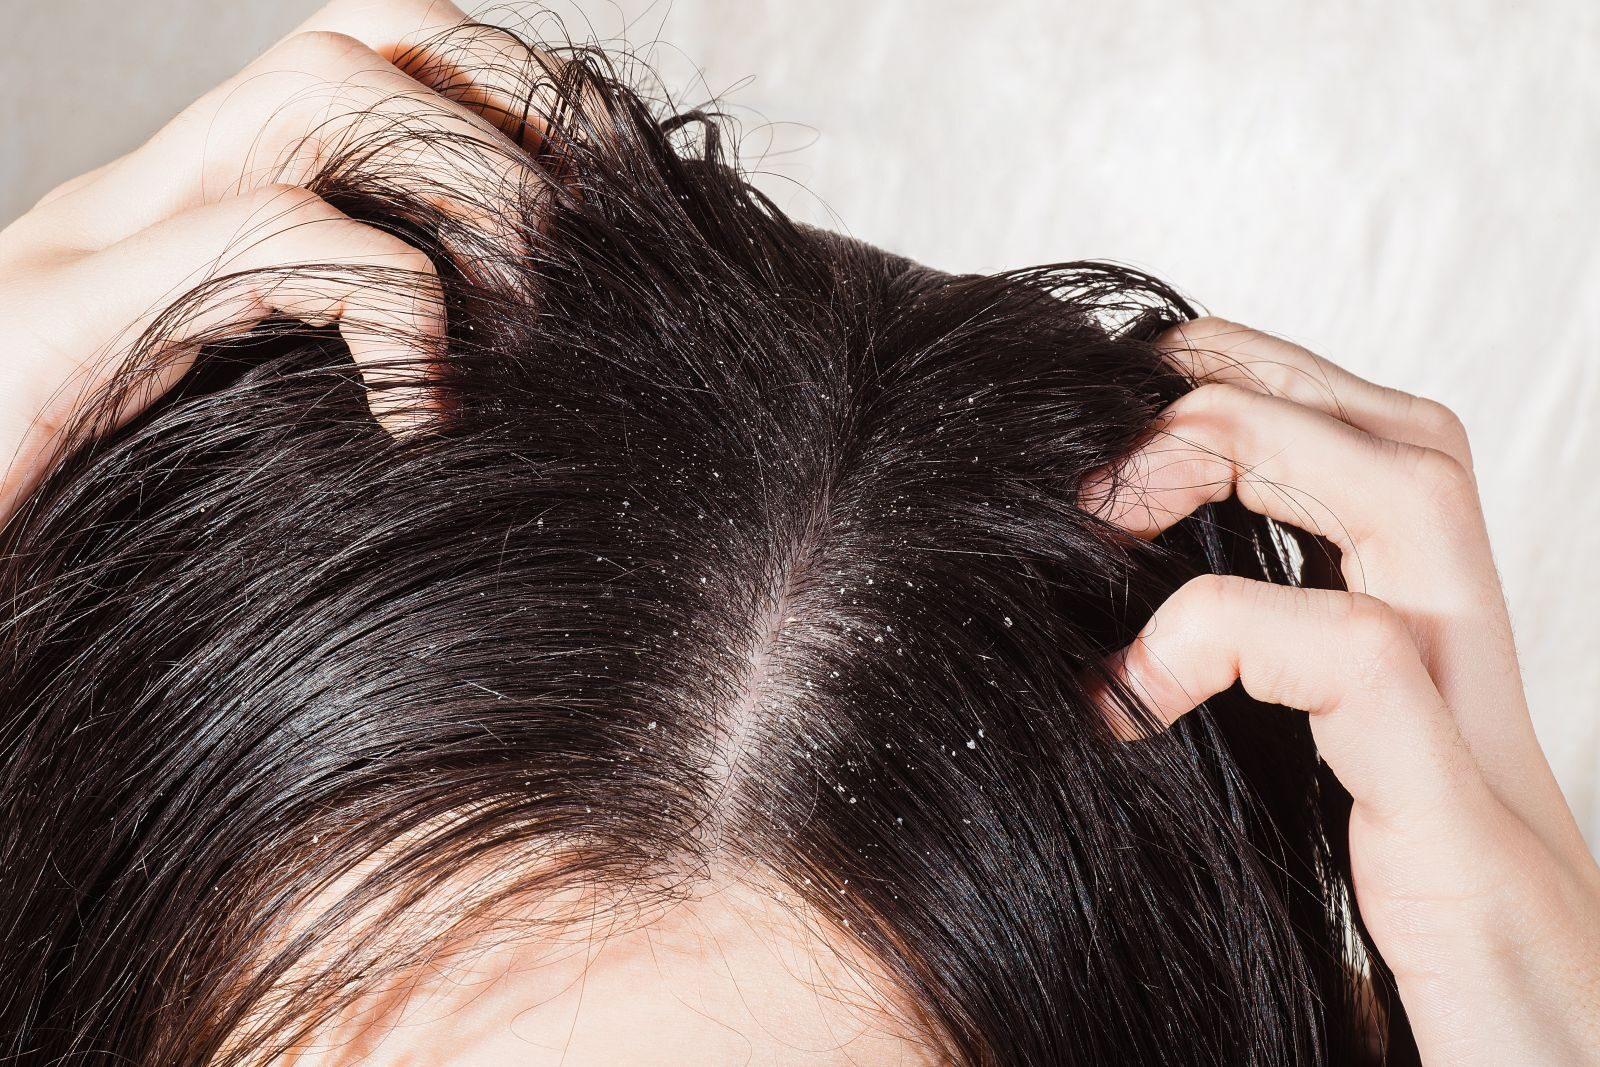 hogyan lehet gyógyítani a korpát a fej pikkelysömörén vörös, nedves foltok a fejbőrön